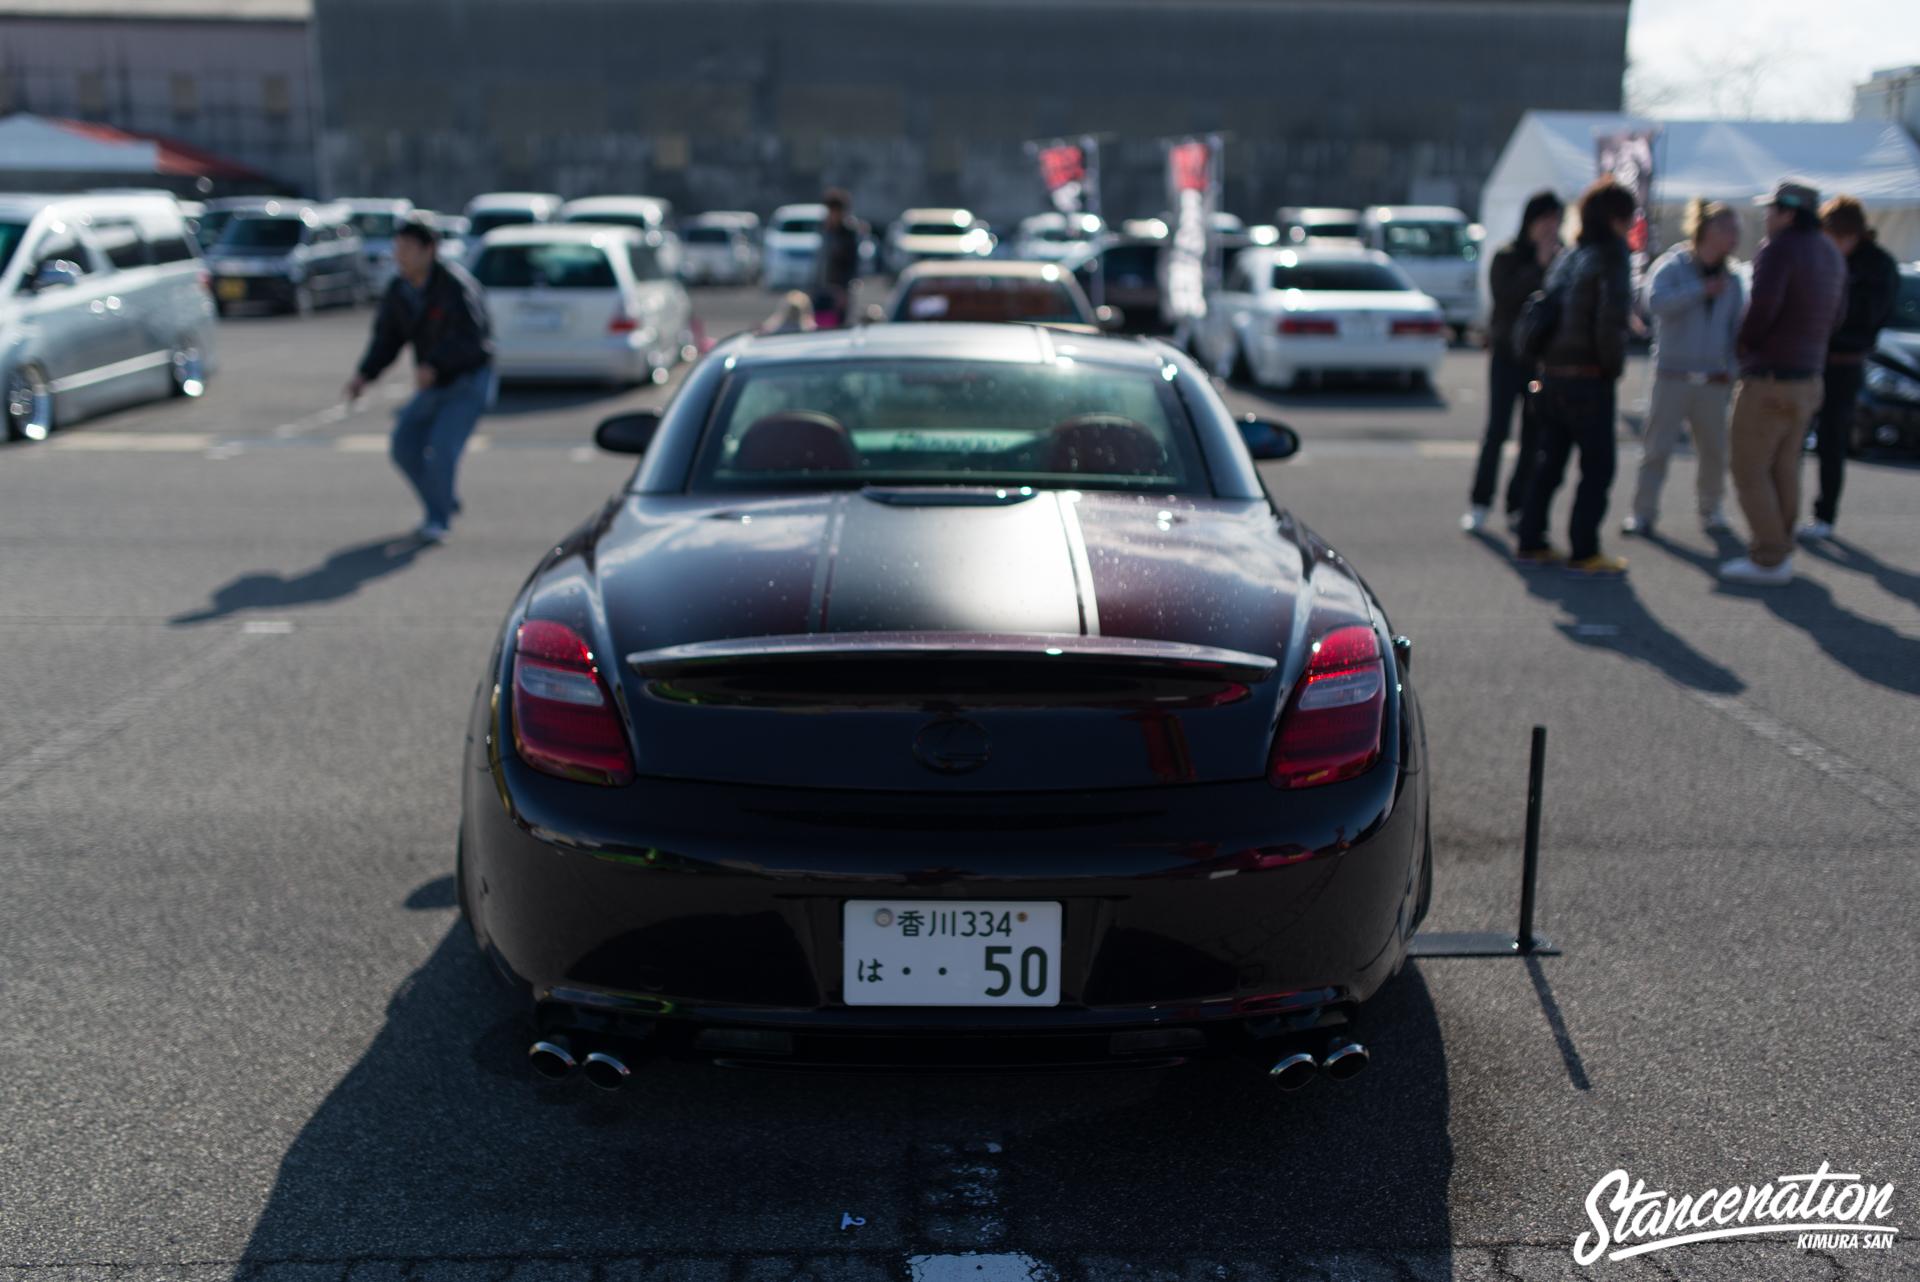 839Festa-Car-Show-Japan-175.jpg